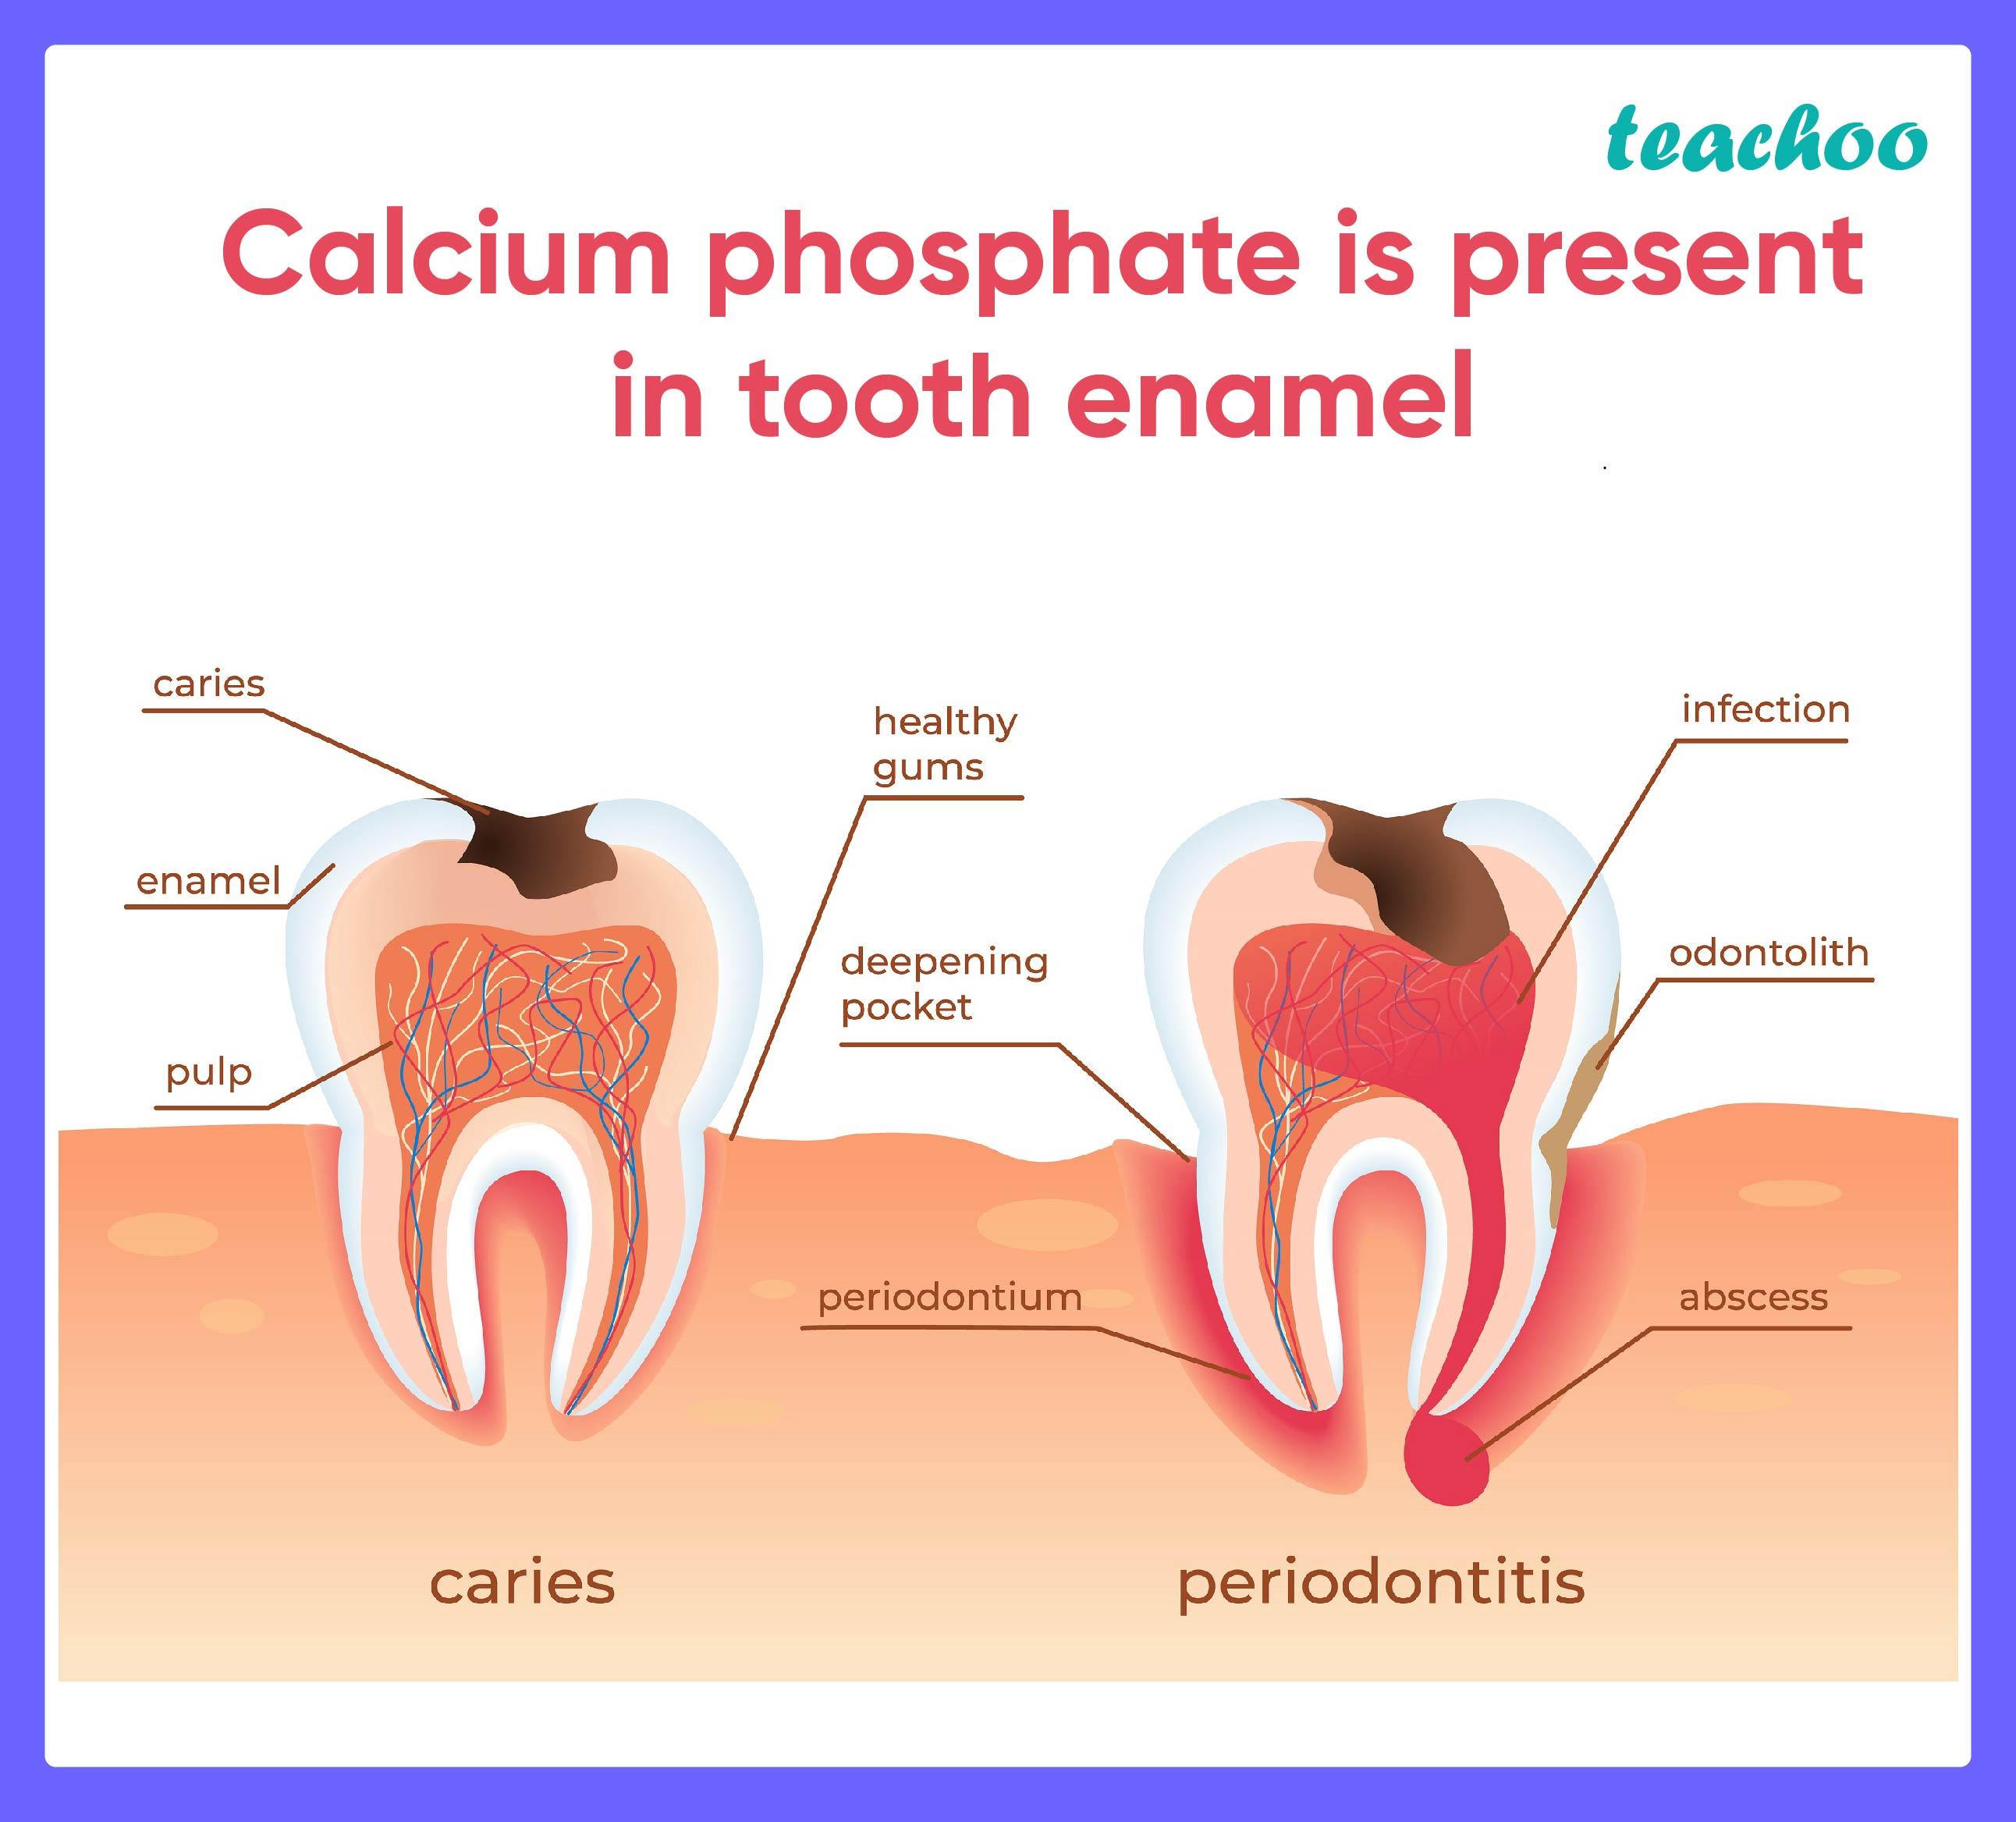 Calcium phosphate is present in tooth enamel - Teachoo-01.jpg